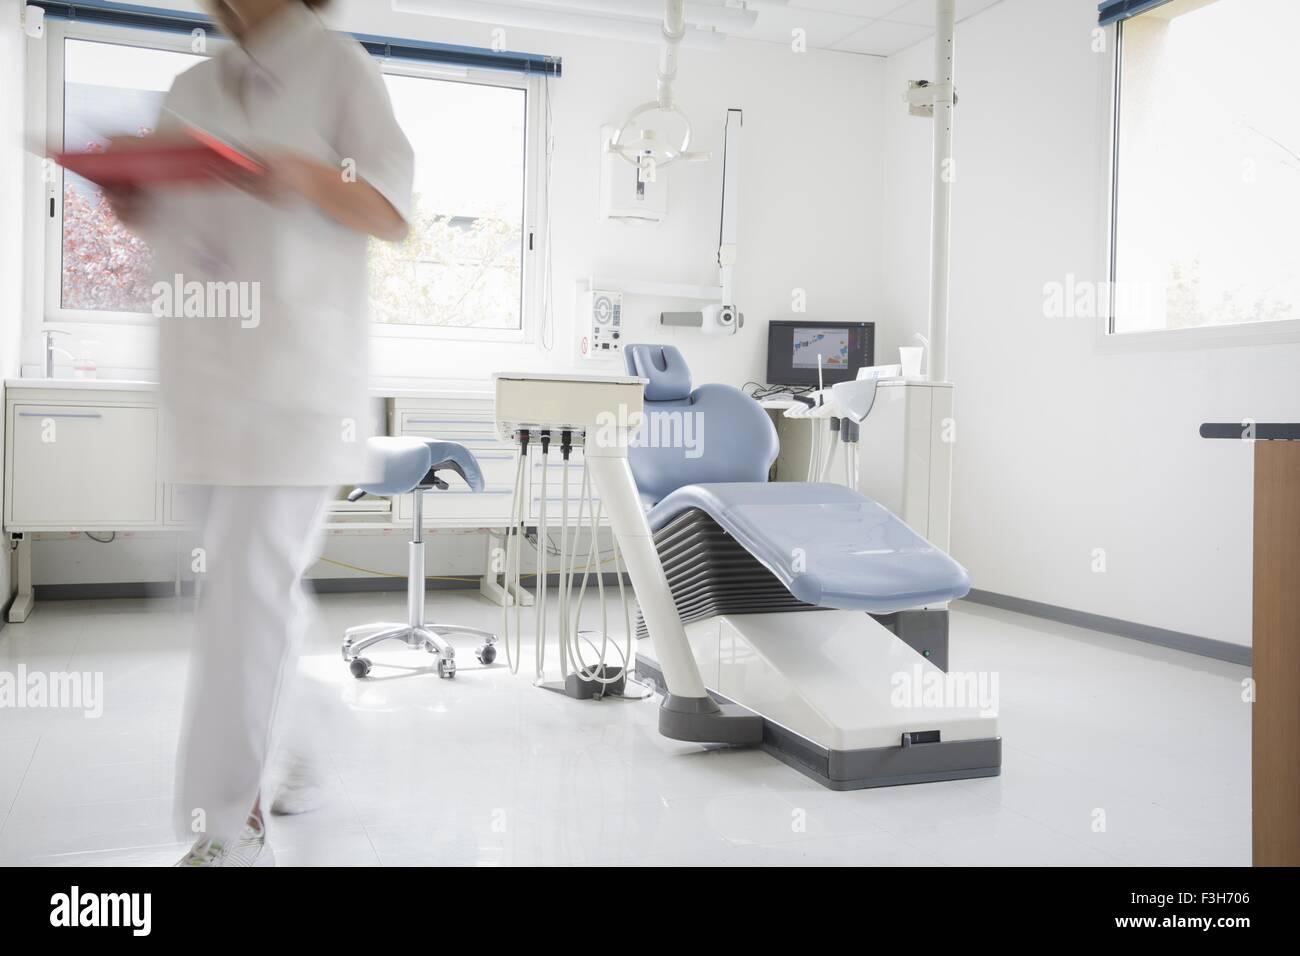 Président, dentiste infirmière dentaire marche loin, blurred motion Photo Stock